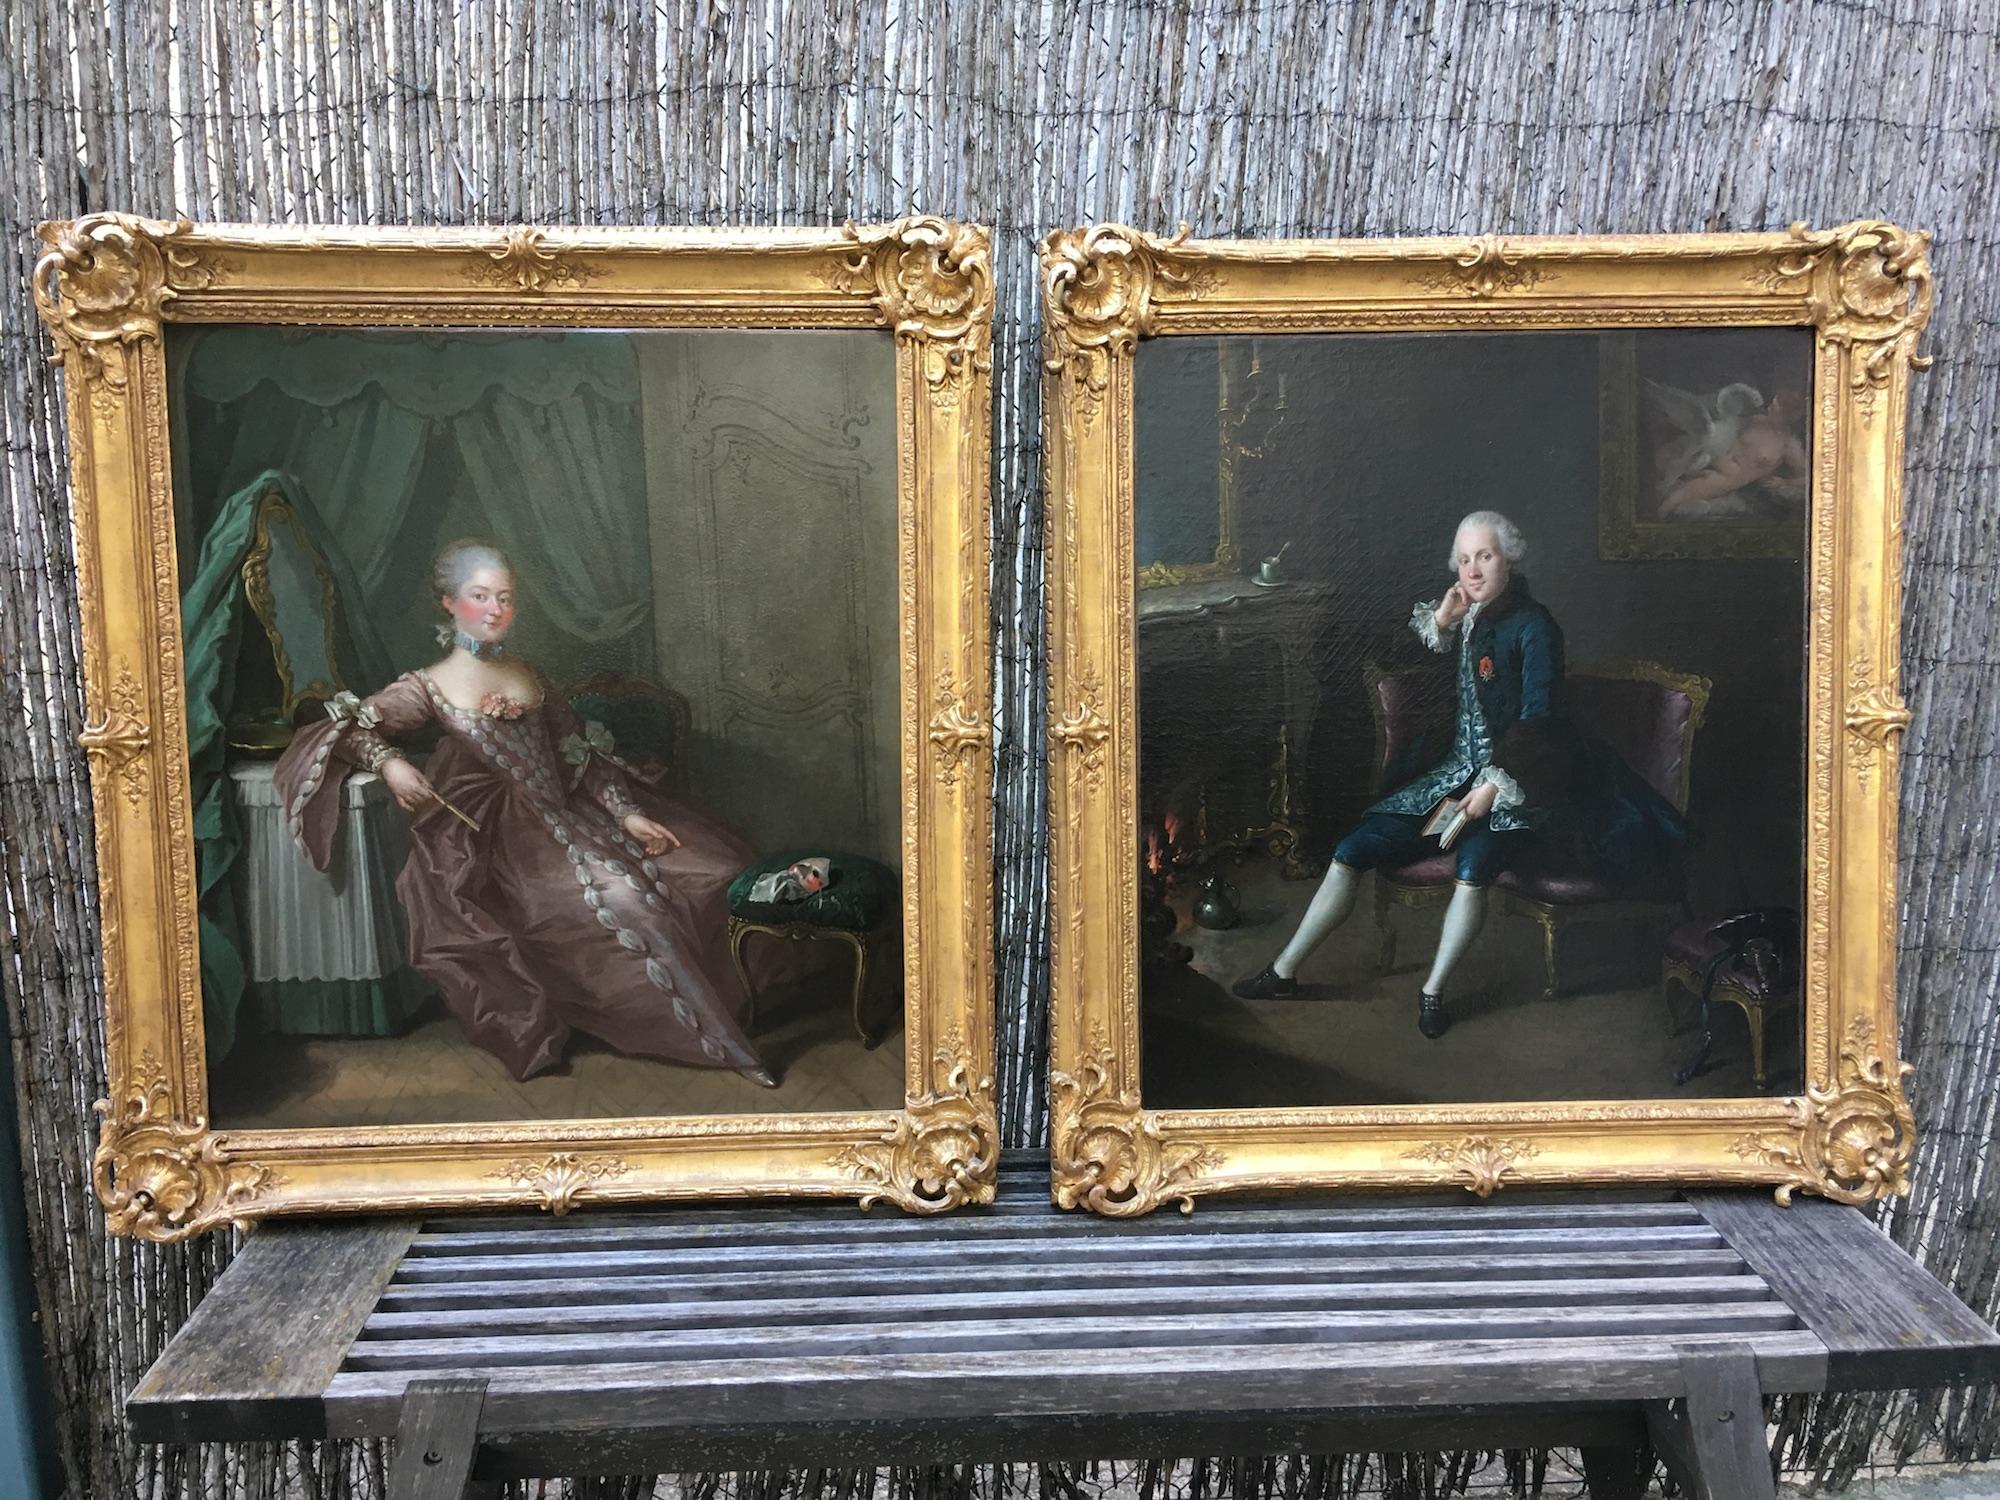 Paire de portraits d'Epoque 18eme siècle